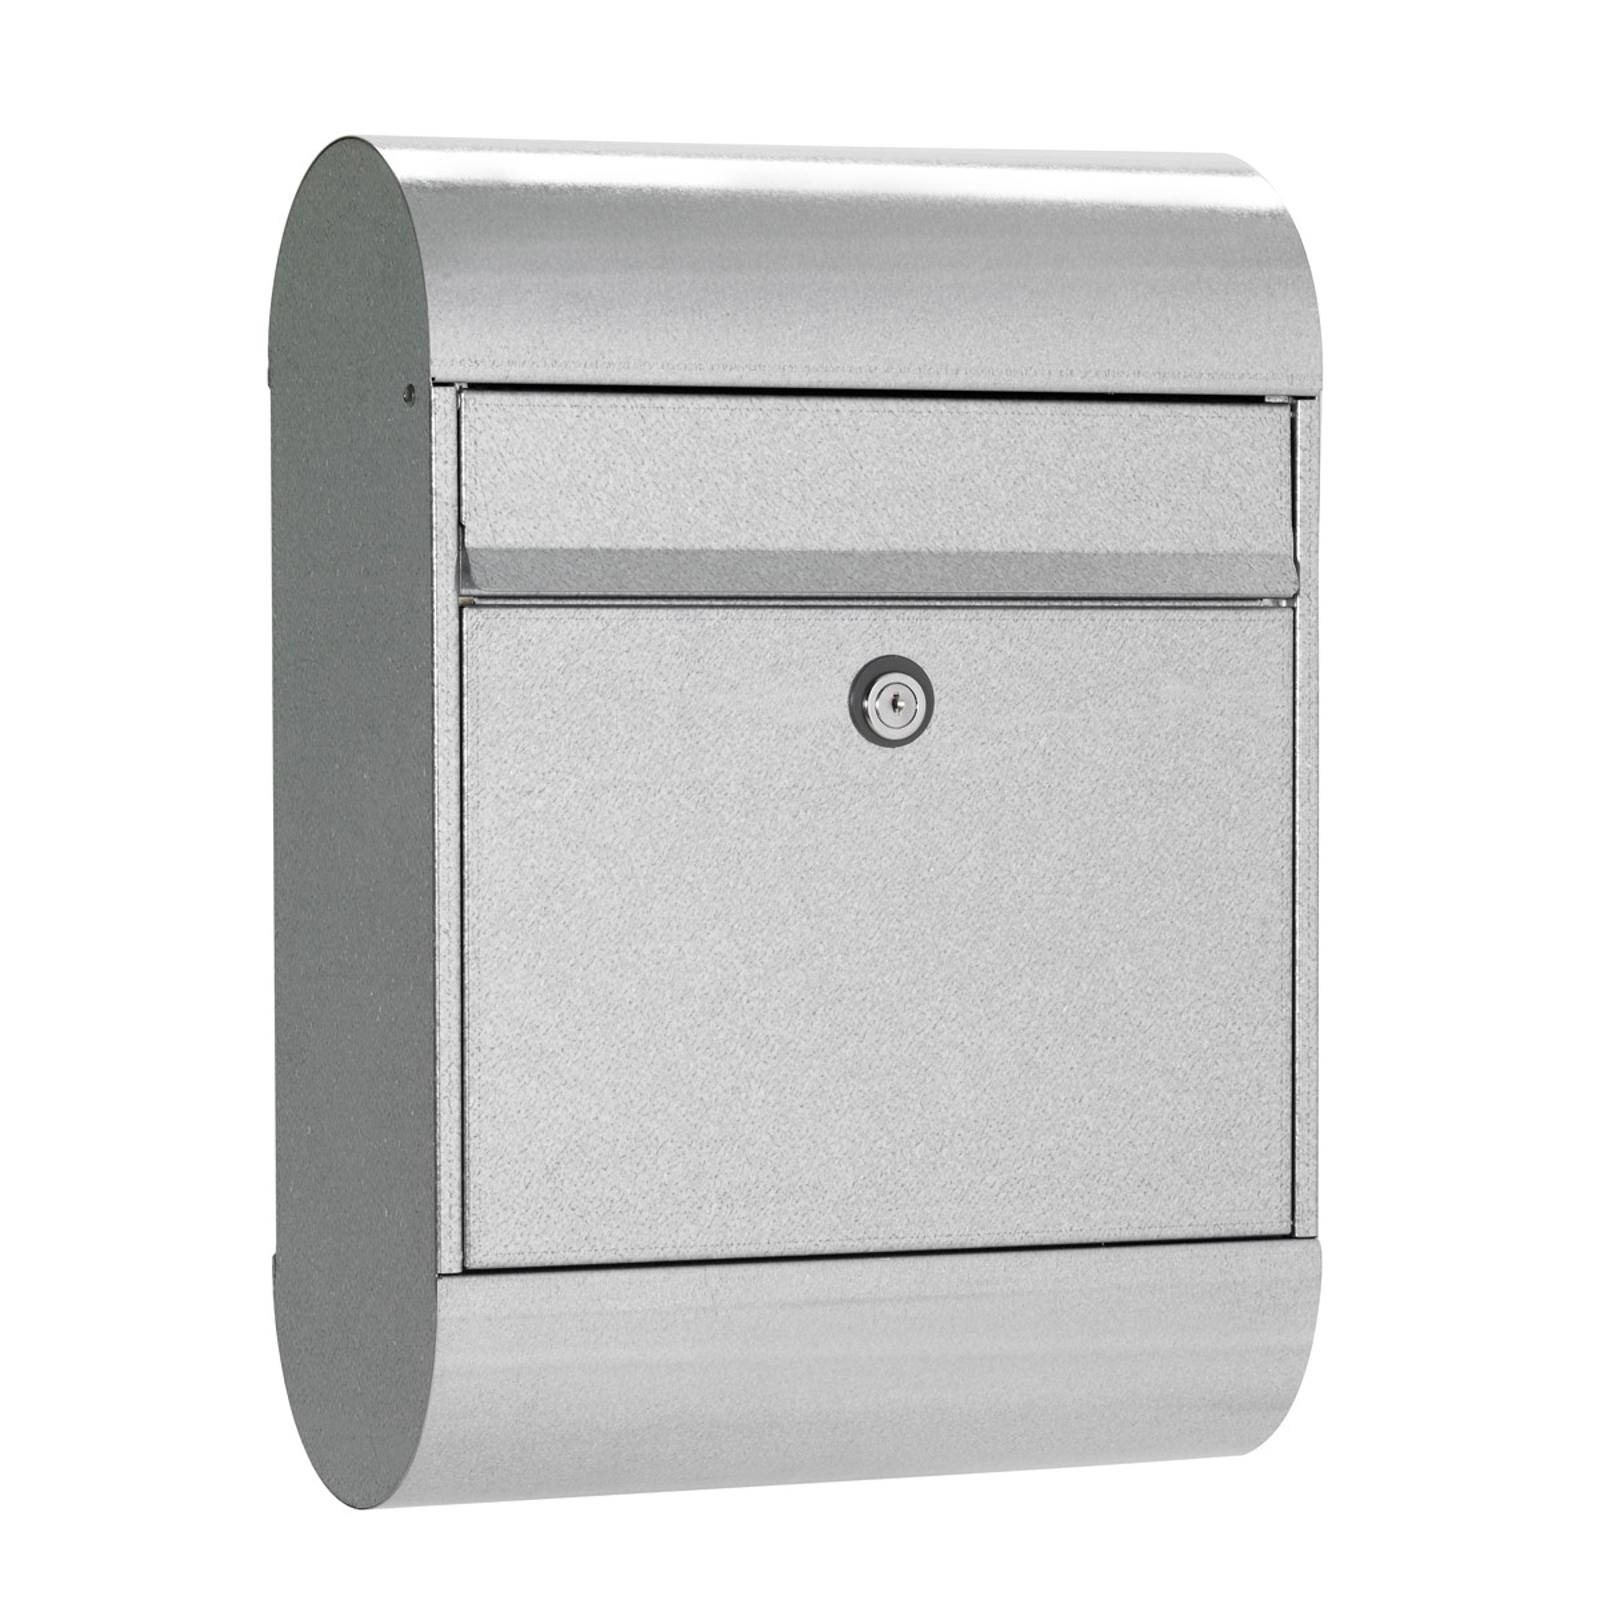 Škandinávska poštová schránka 6000_1045035_1